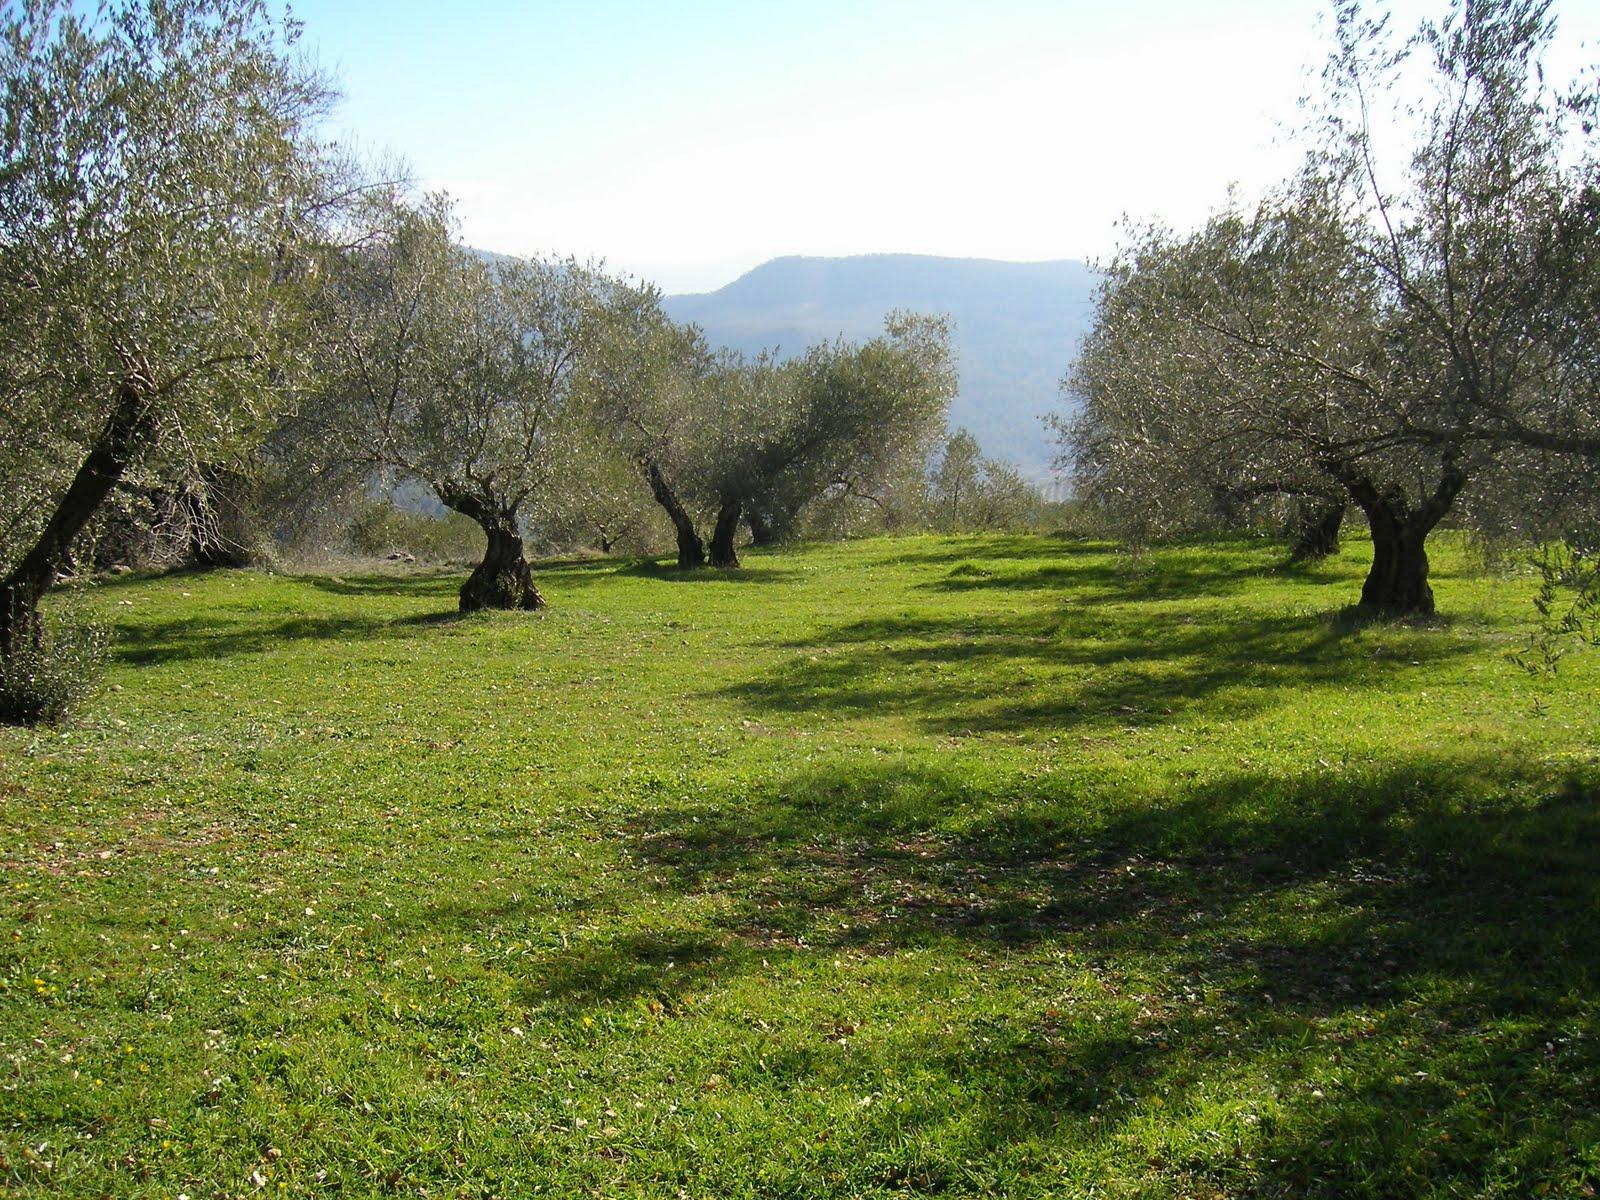 La superficie cultivada de olivar ecológico en España se elevó un 2,5% en 2018